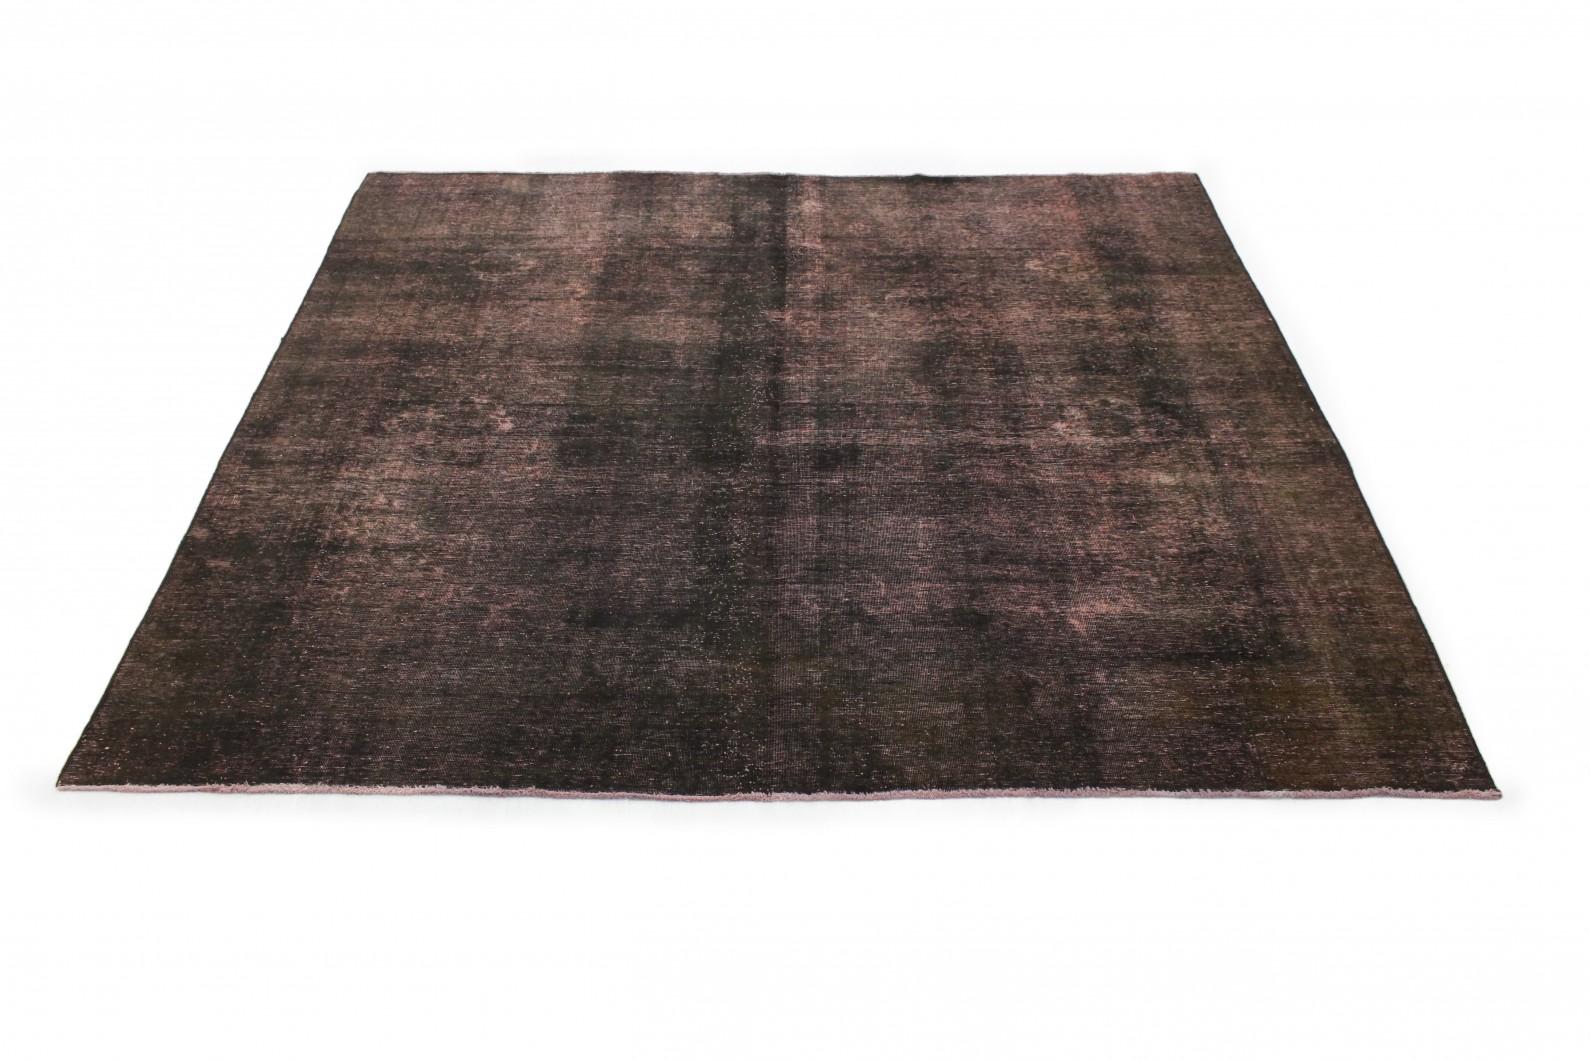 vintage teppich schwarz rosa in 310x290cm 1001 3318 bei kaufen. Black Bedroom Furniture Sets. Home Design Ideas